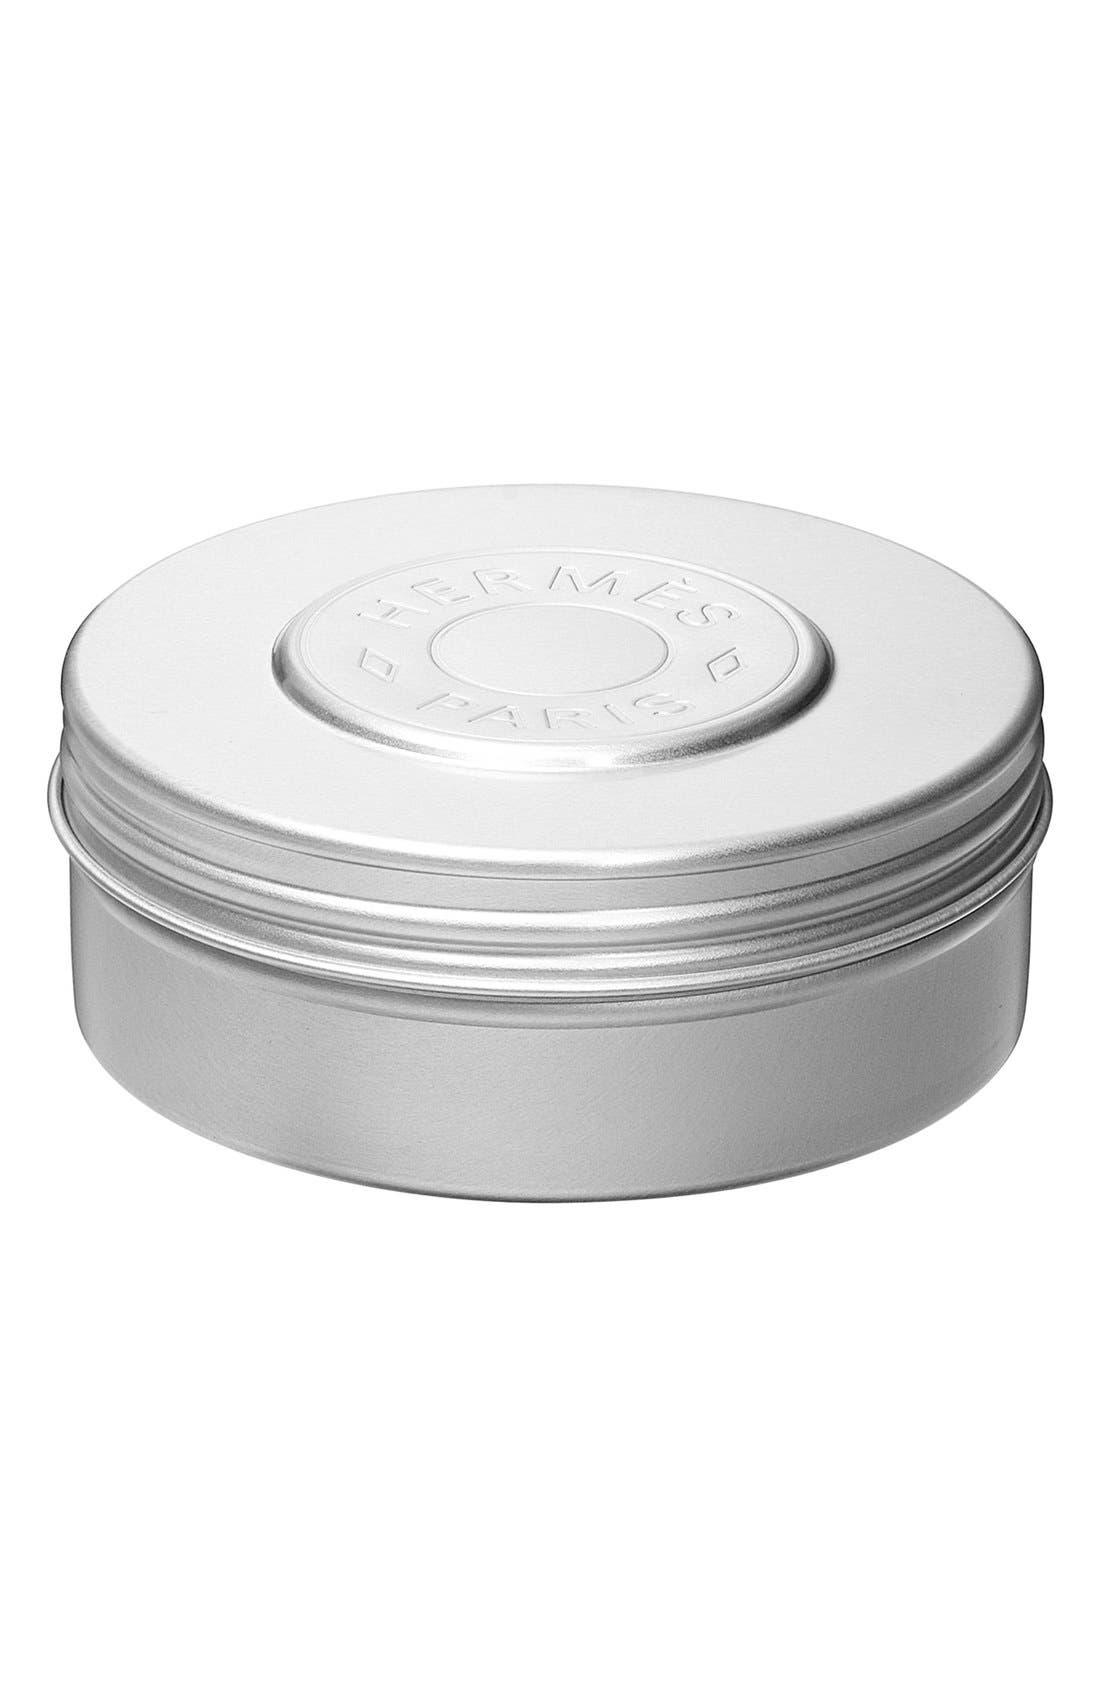 Eau de Narcisse Bleu - Face and body moisturizing balm,                             Main thumbnail 1, color,                             NO COLOR